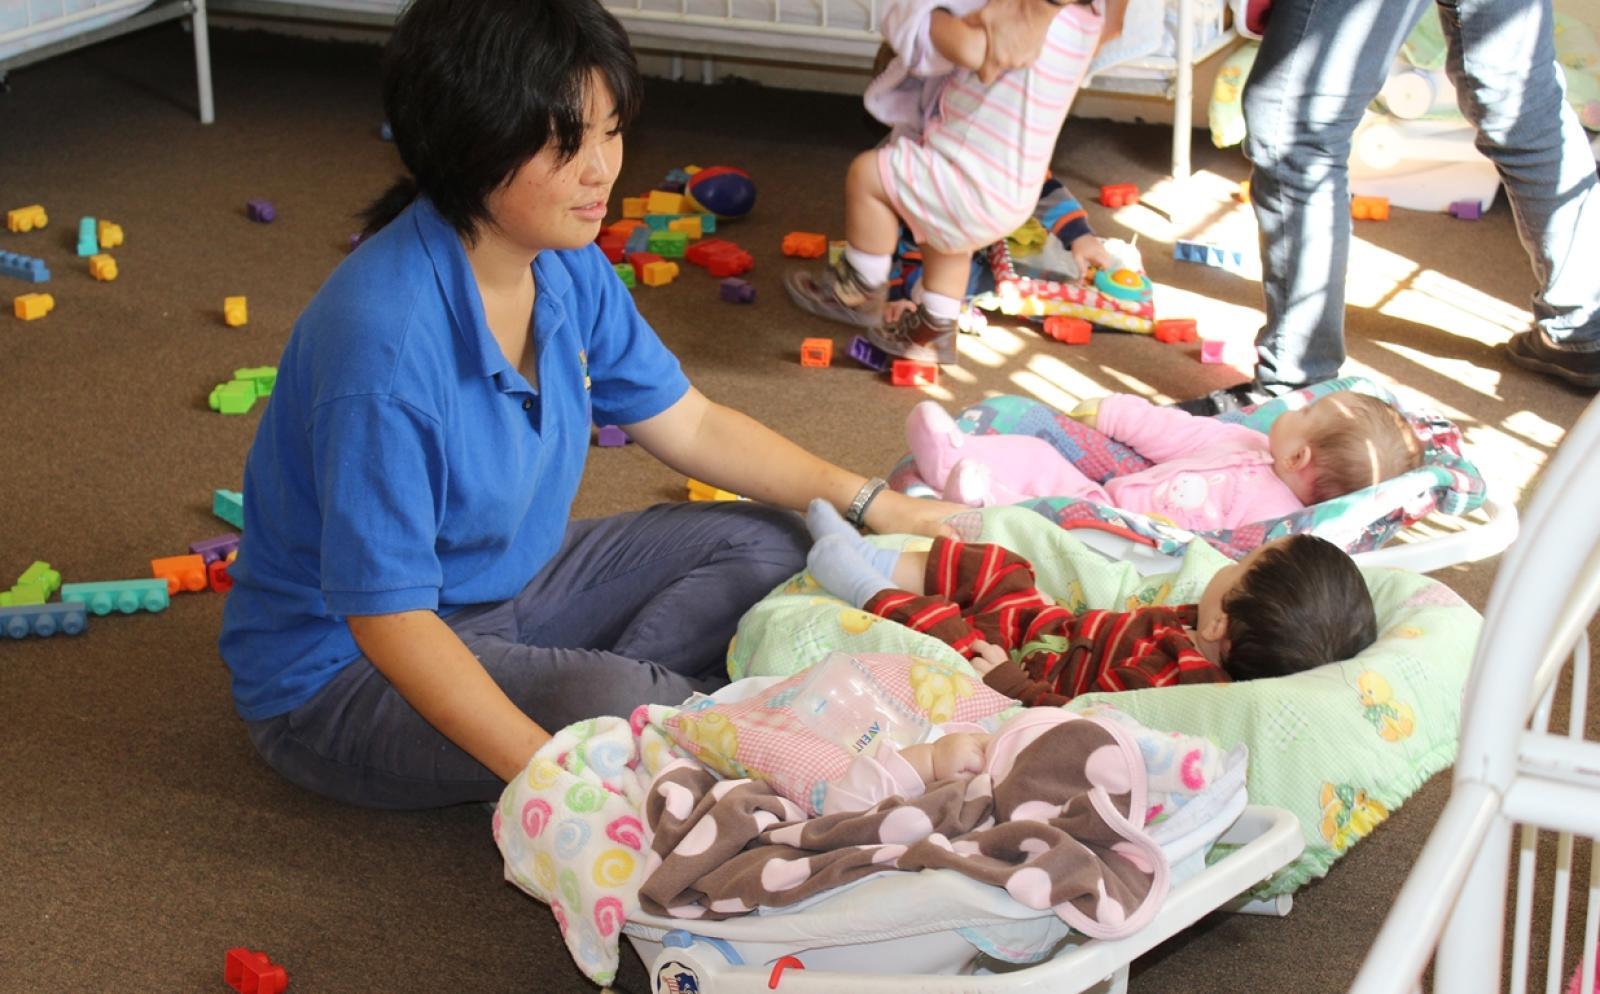 日本人ボランティアがメキシコでチャイルドケアに取り組む